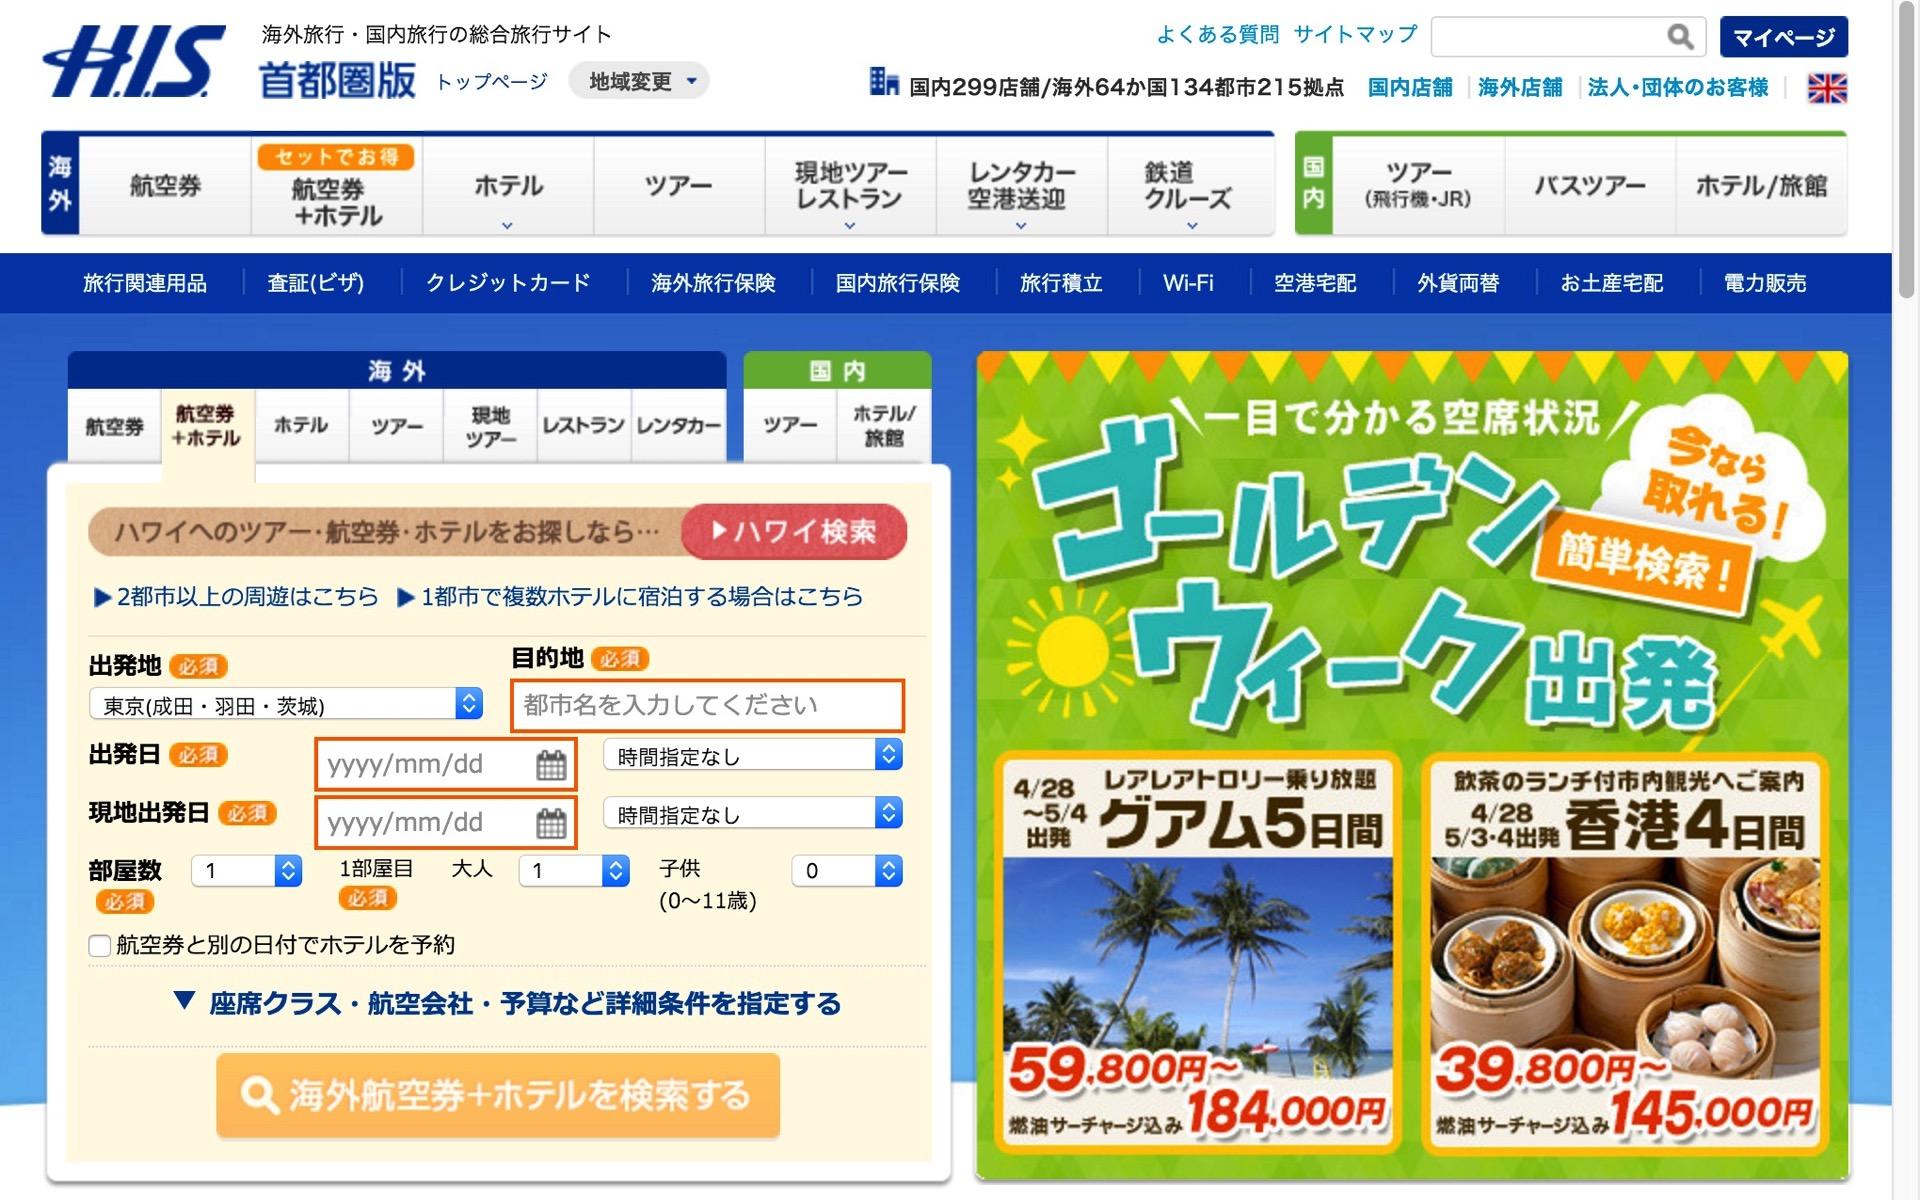 H I S 海外旅行 国内旅行の総合旅行サイト